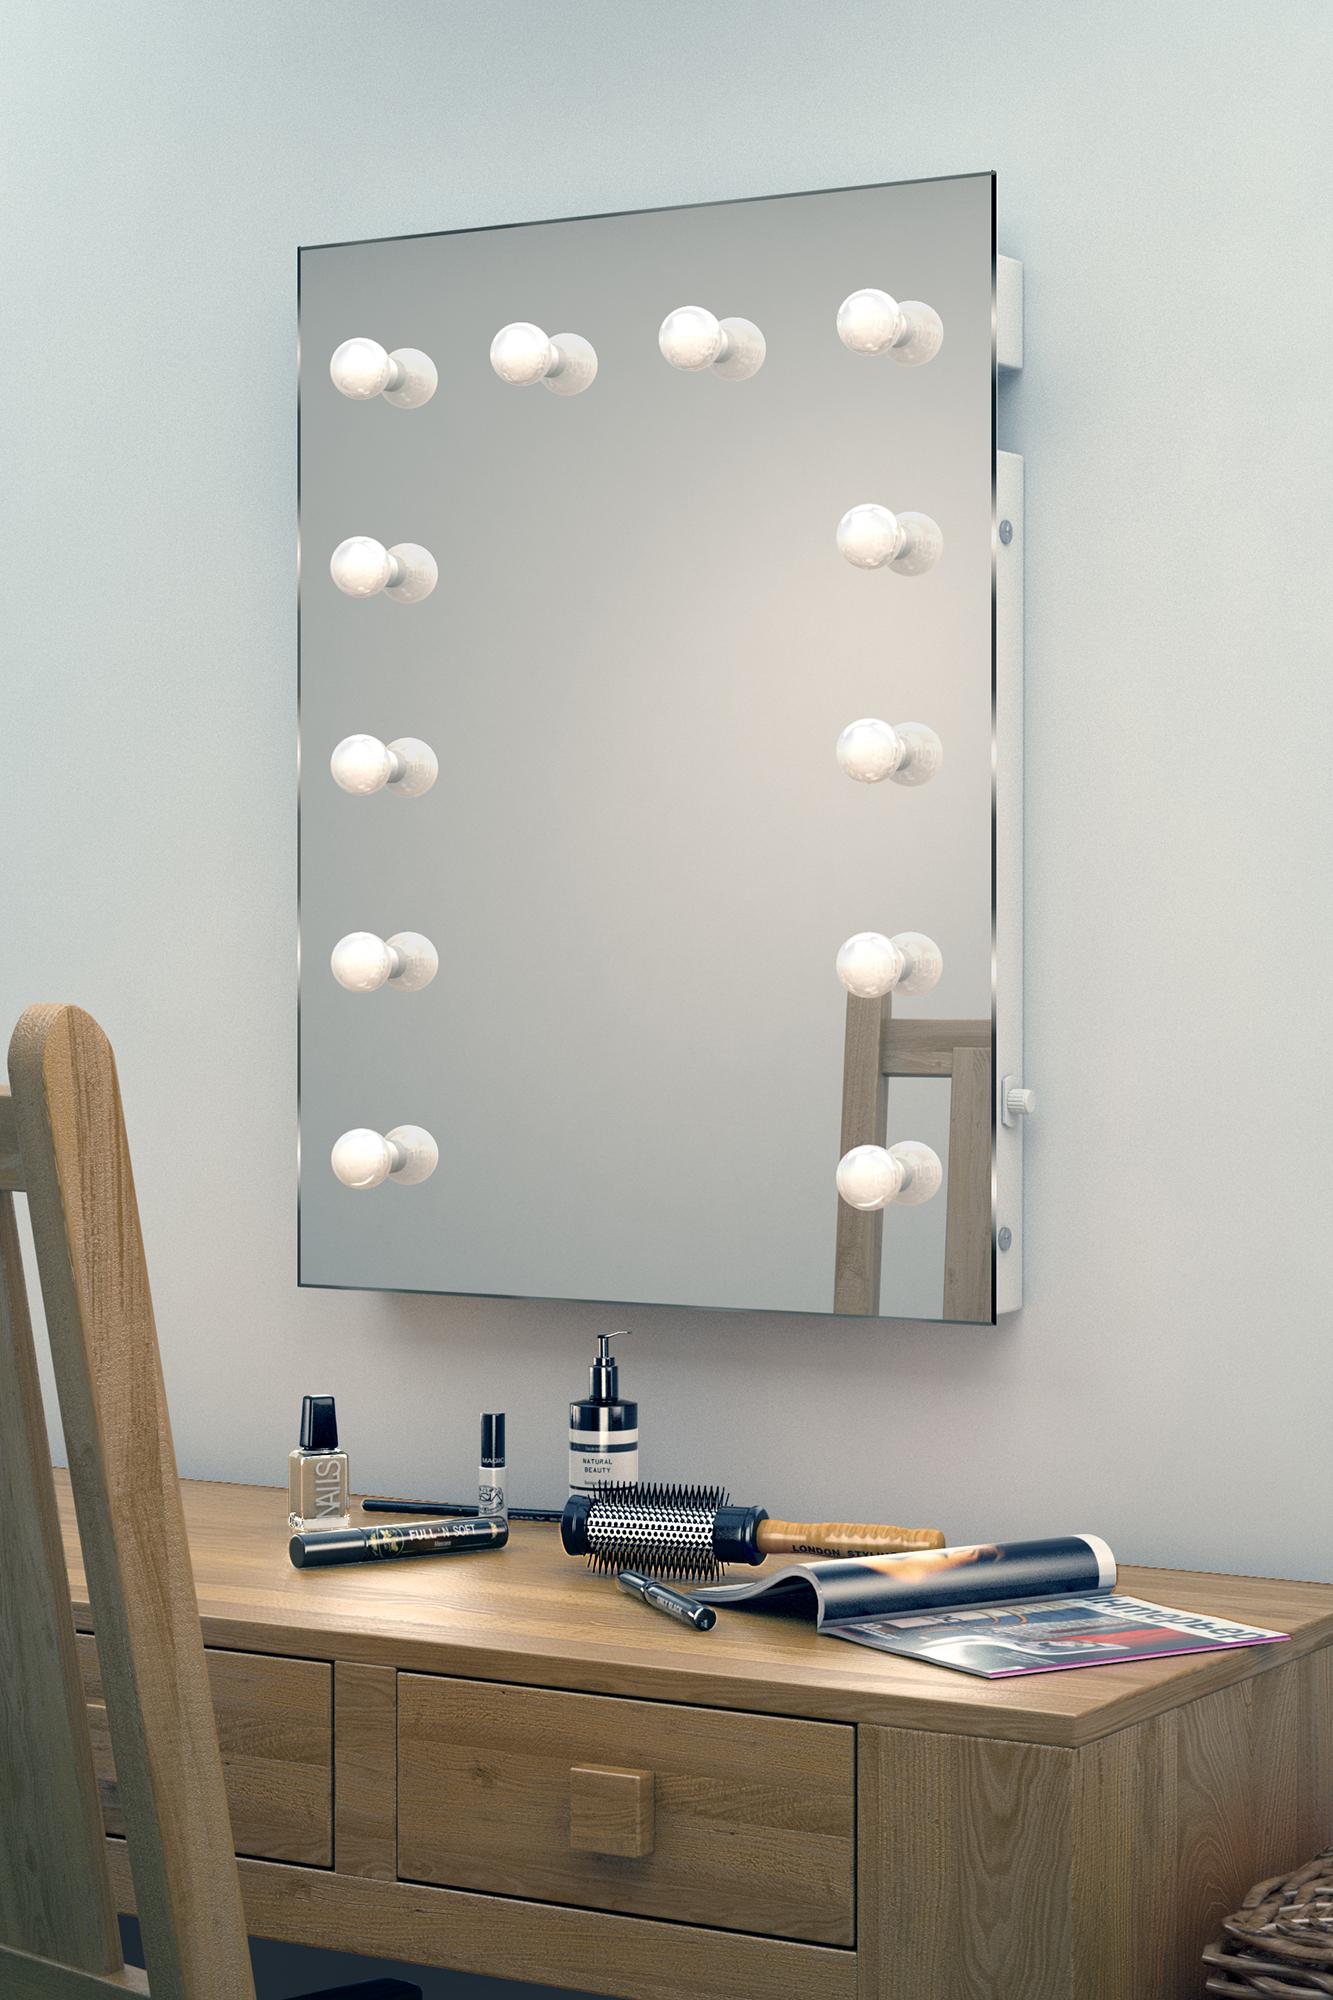 Hollywood theater garderobe led schminkspiegel k90cw ebay - Hollywood spiegel lampen ...